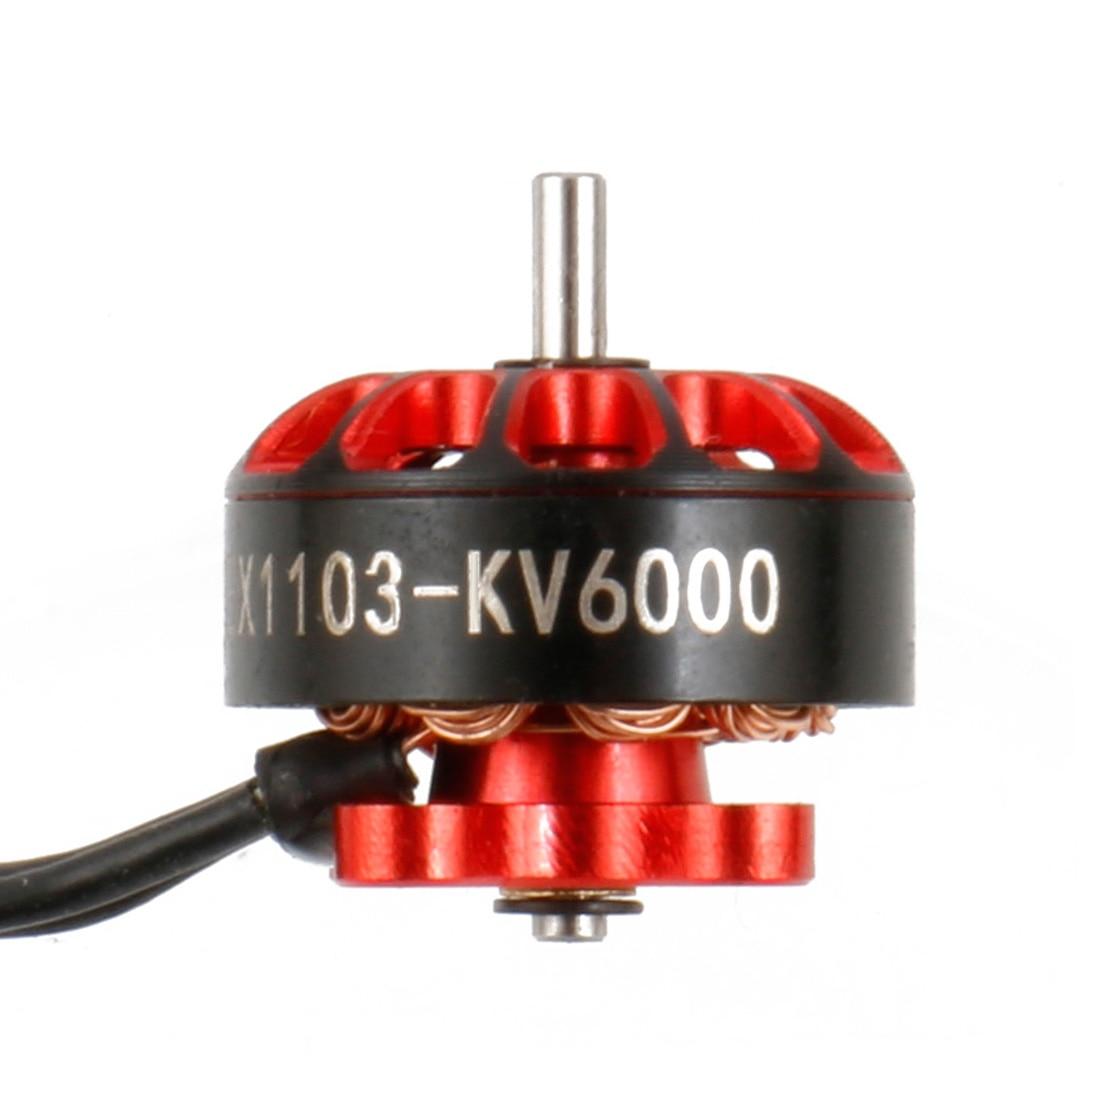 Happymodel EX1103 1103 кв кВ 2-4S бесщеточный двигатель для Sailfly-X зубочисток Радиоуправляемый Дрон FPV DIY модели